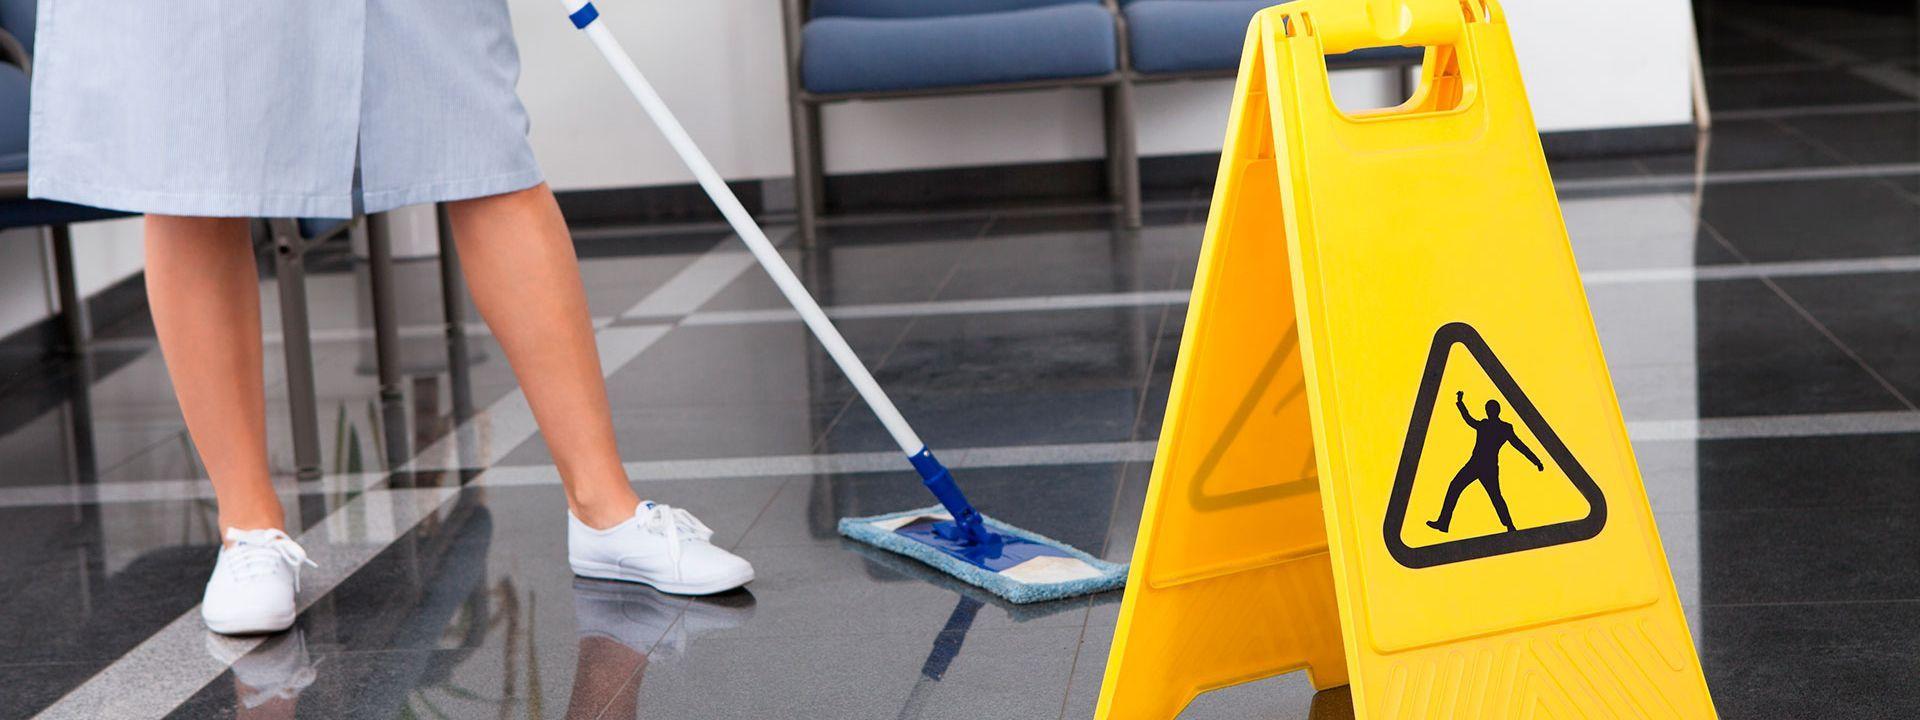 Mantener una correcta limpieza elemento clave en las empresas - Empresas de limpieza en mallorca ...